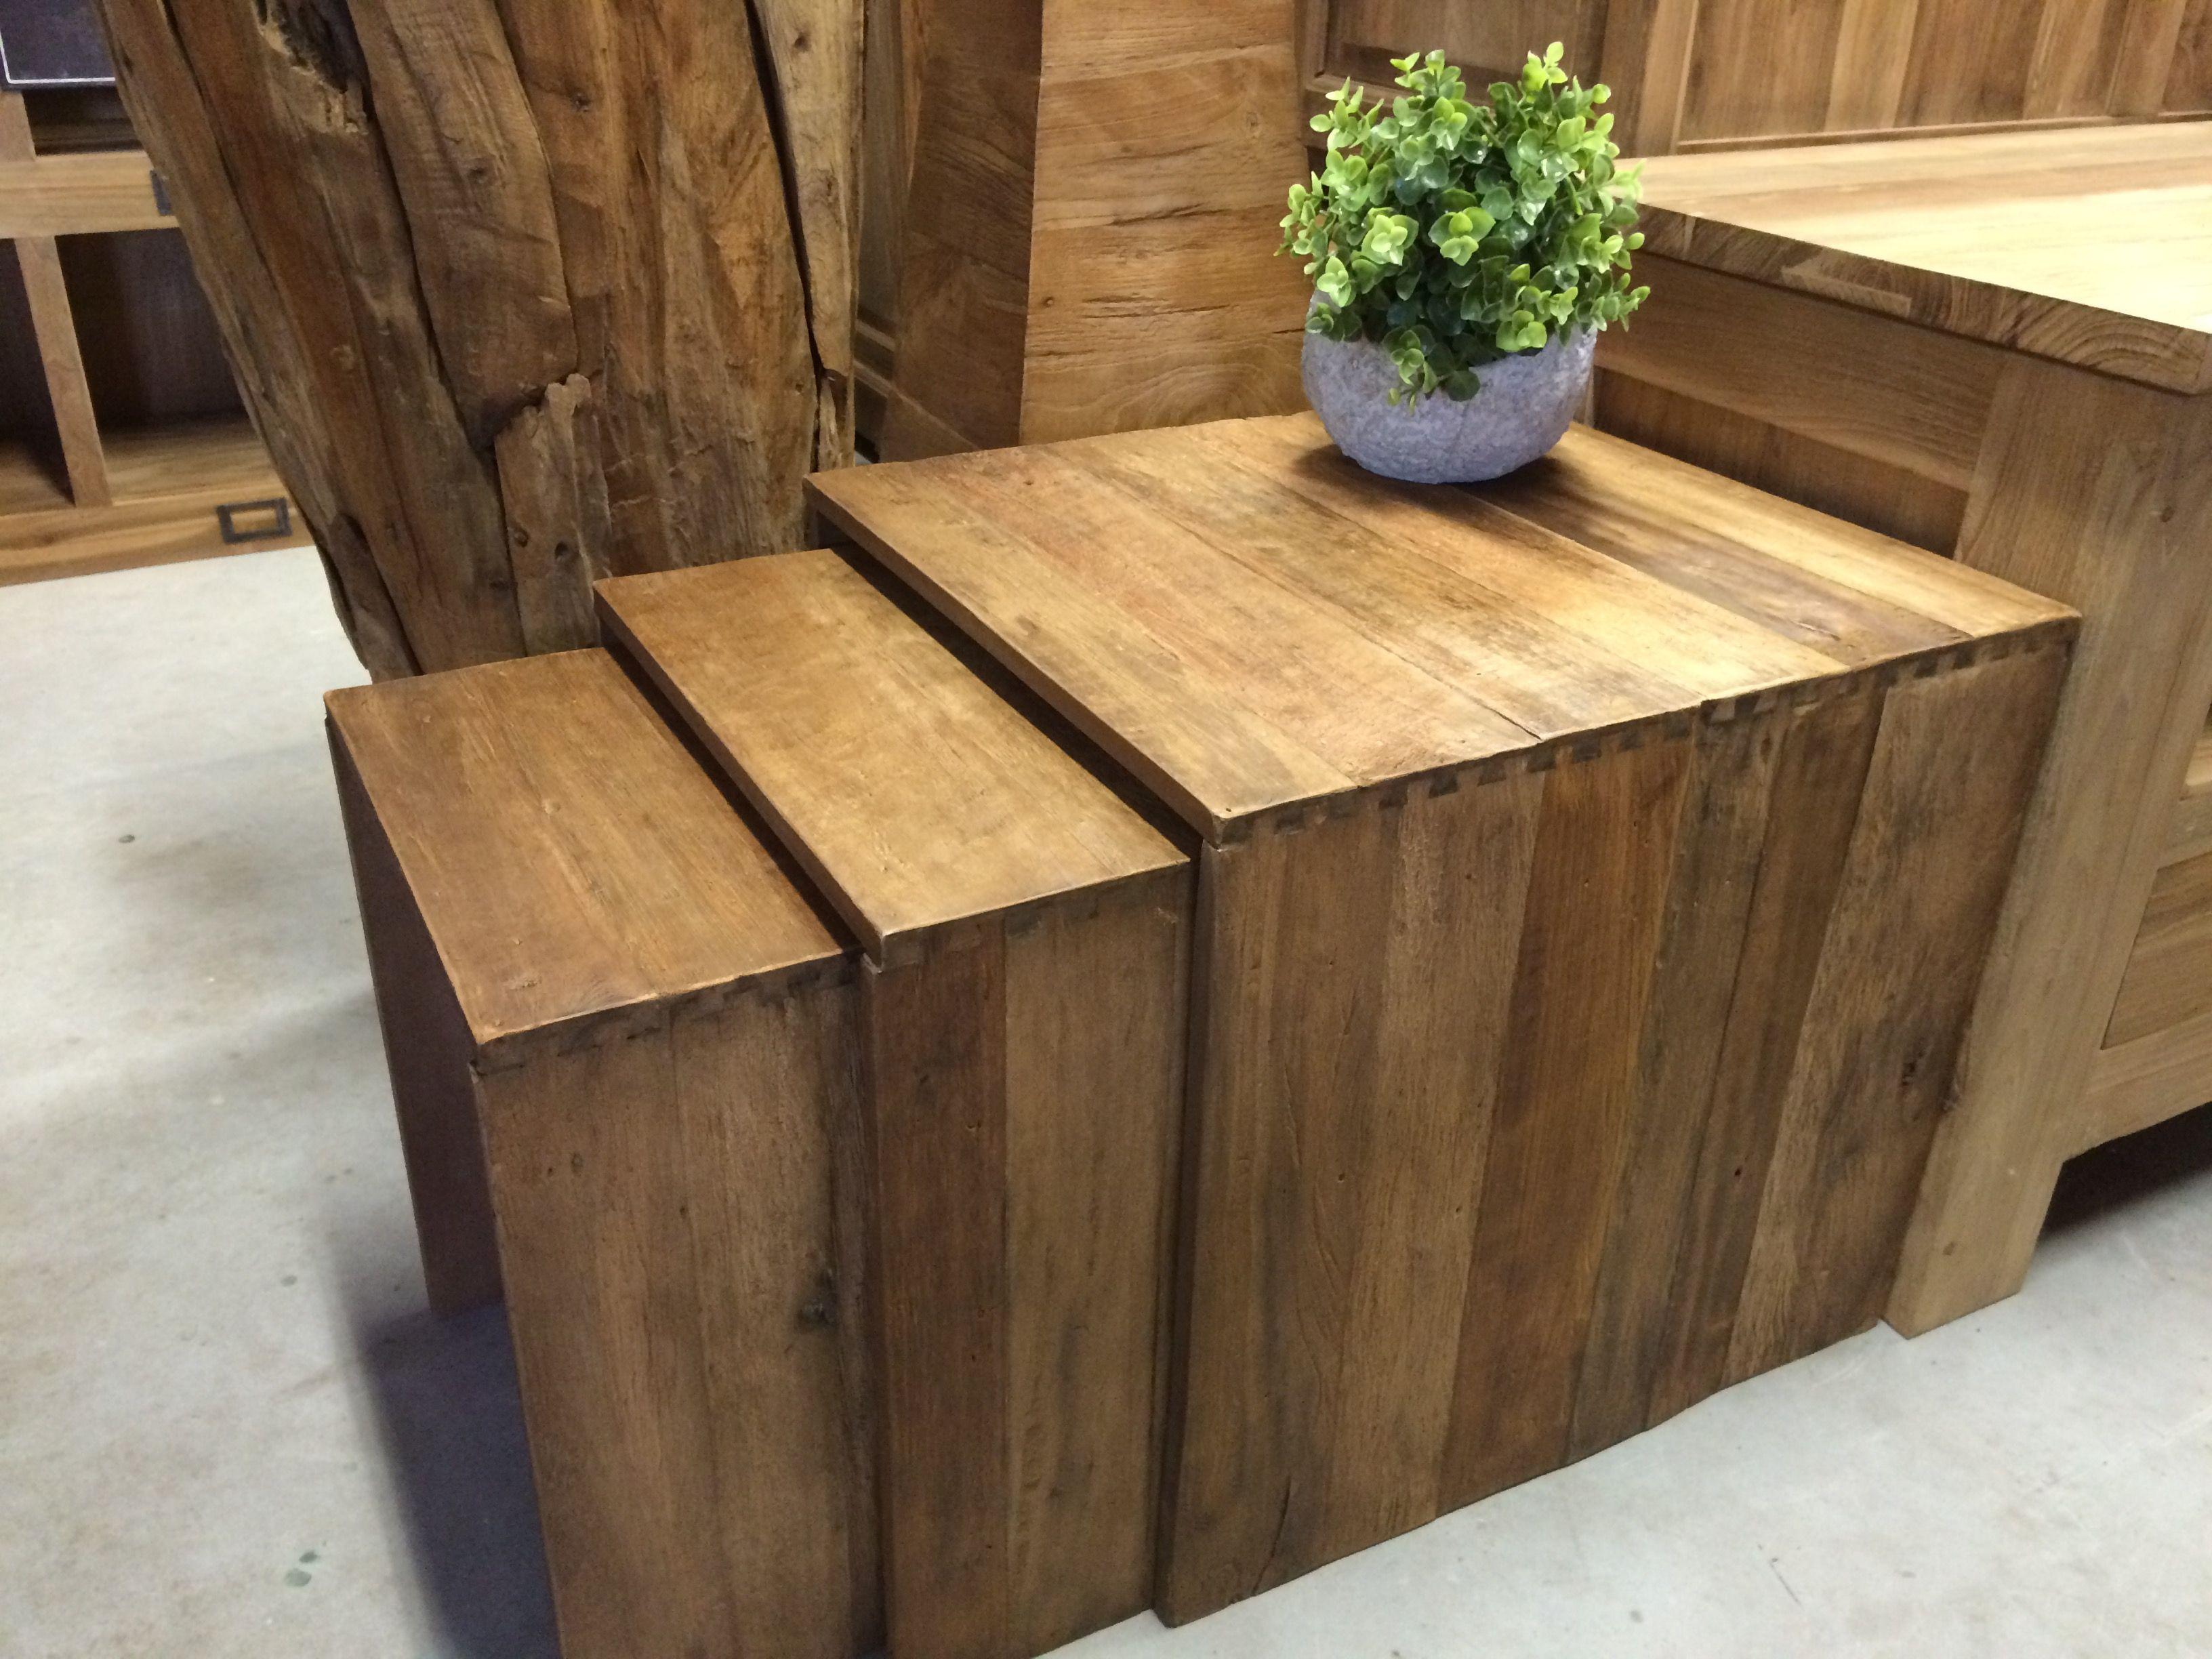 Bijzettafeltjes 3 stuks van exotic wood, Aziatisch hardhout. De grovere structuur geeft die warme uitstraling en is maakt het een fantastisch decoratiestuk.